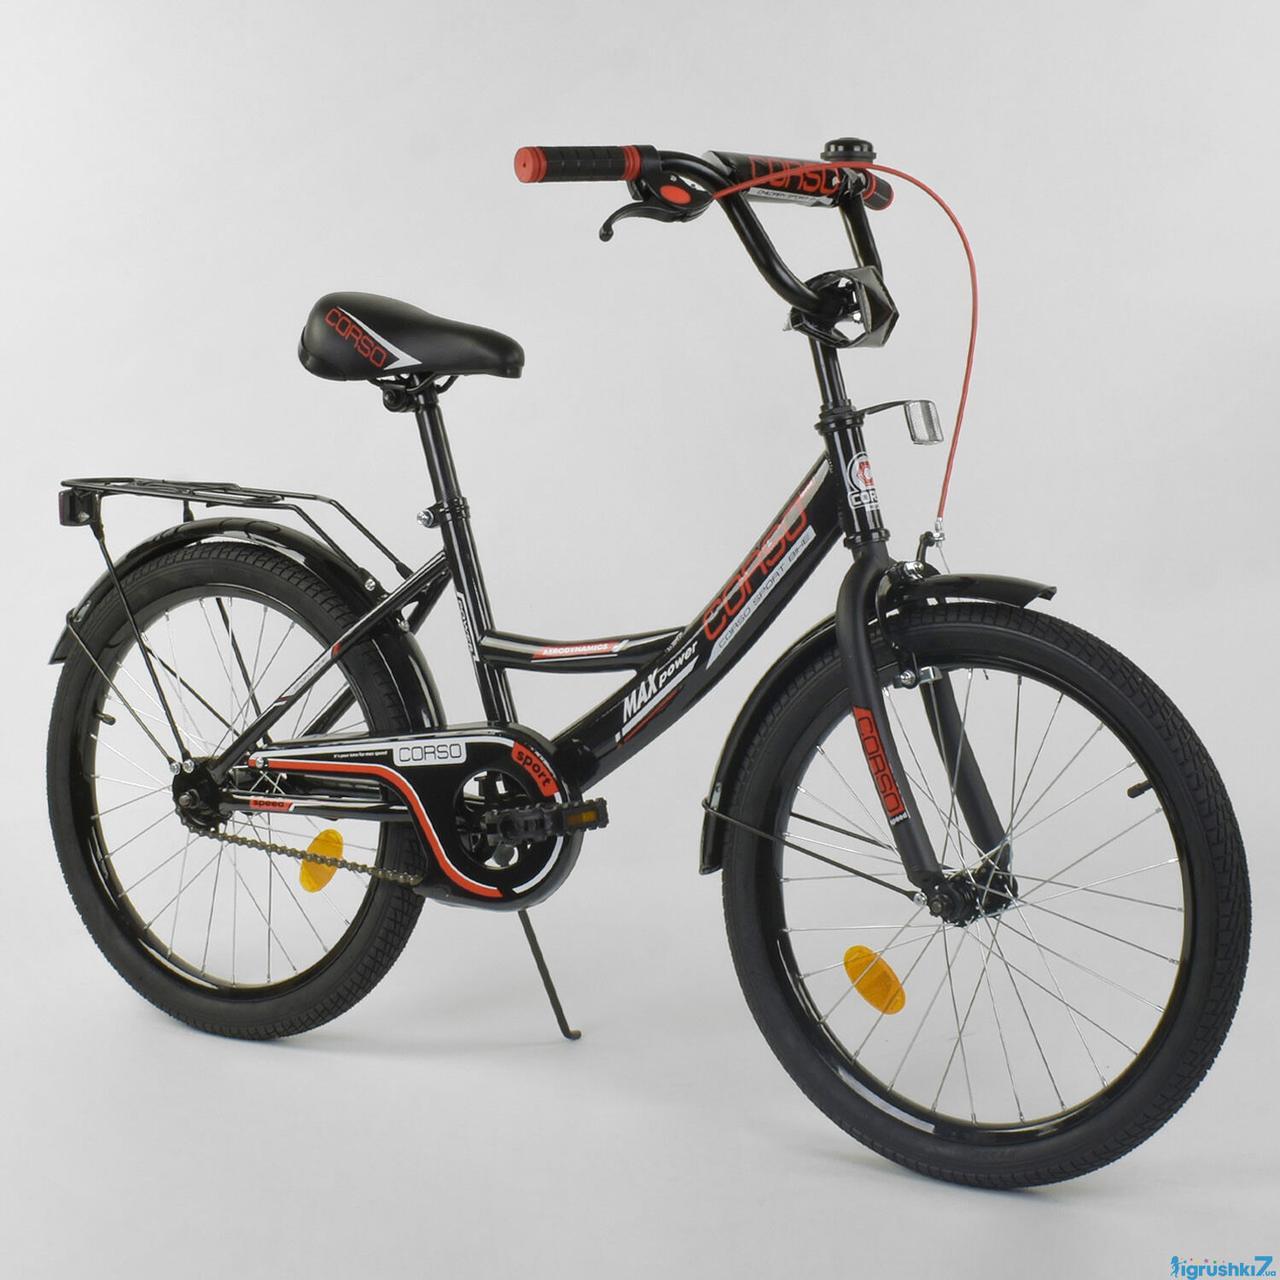 Детский двухколесный велосипед колеса 20 дюймов Corso CL-20 Y 3230 черный